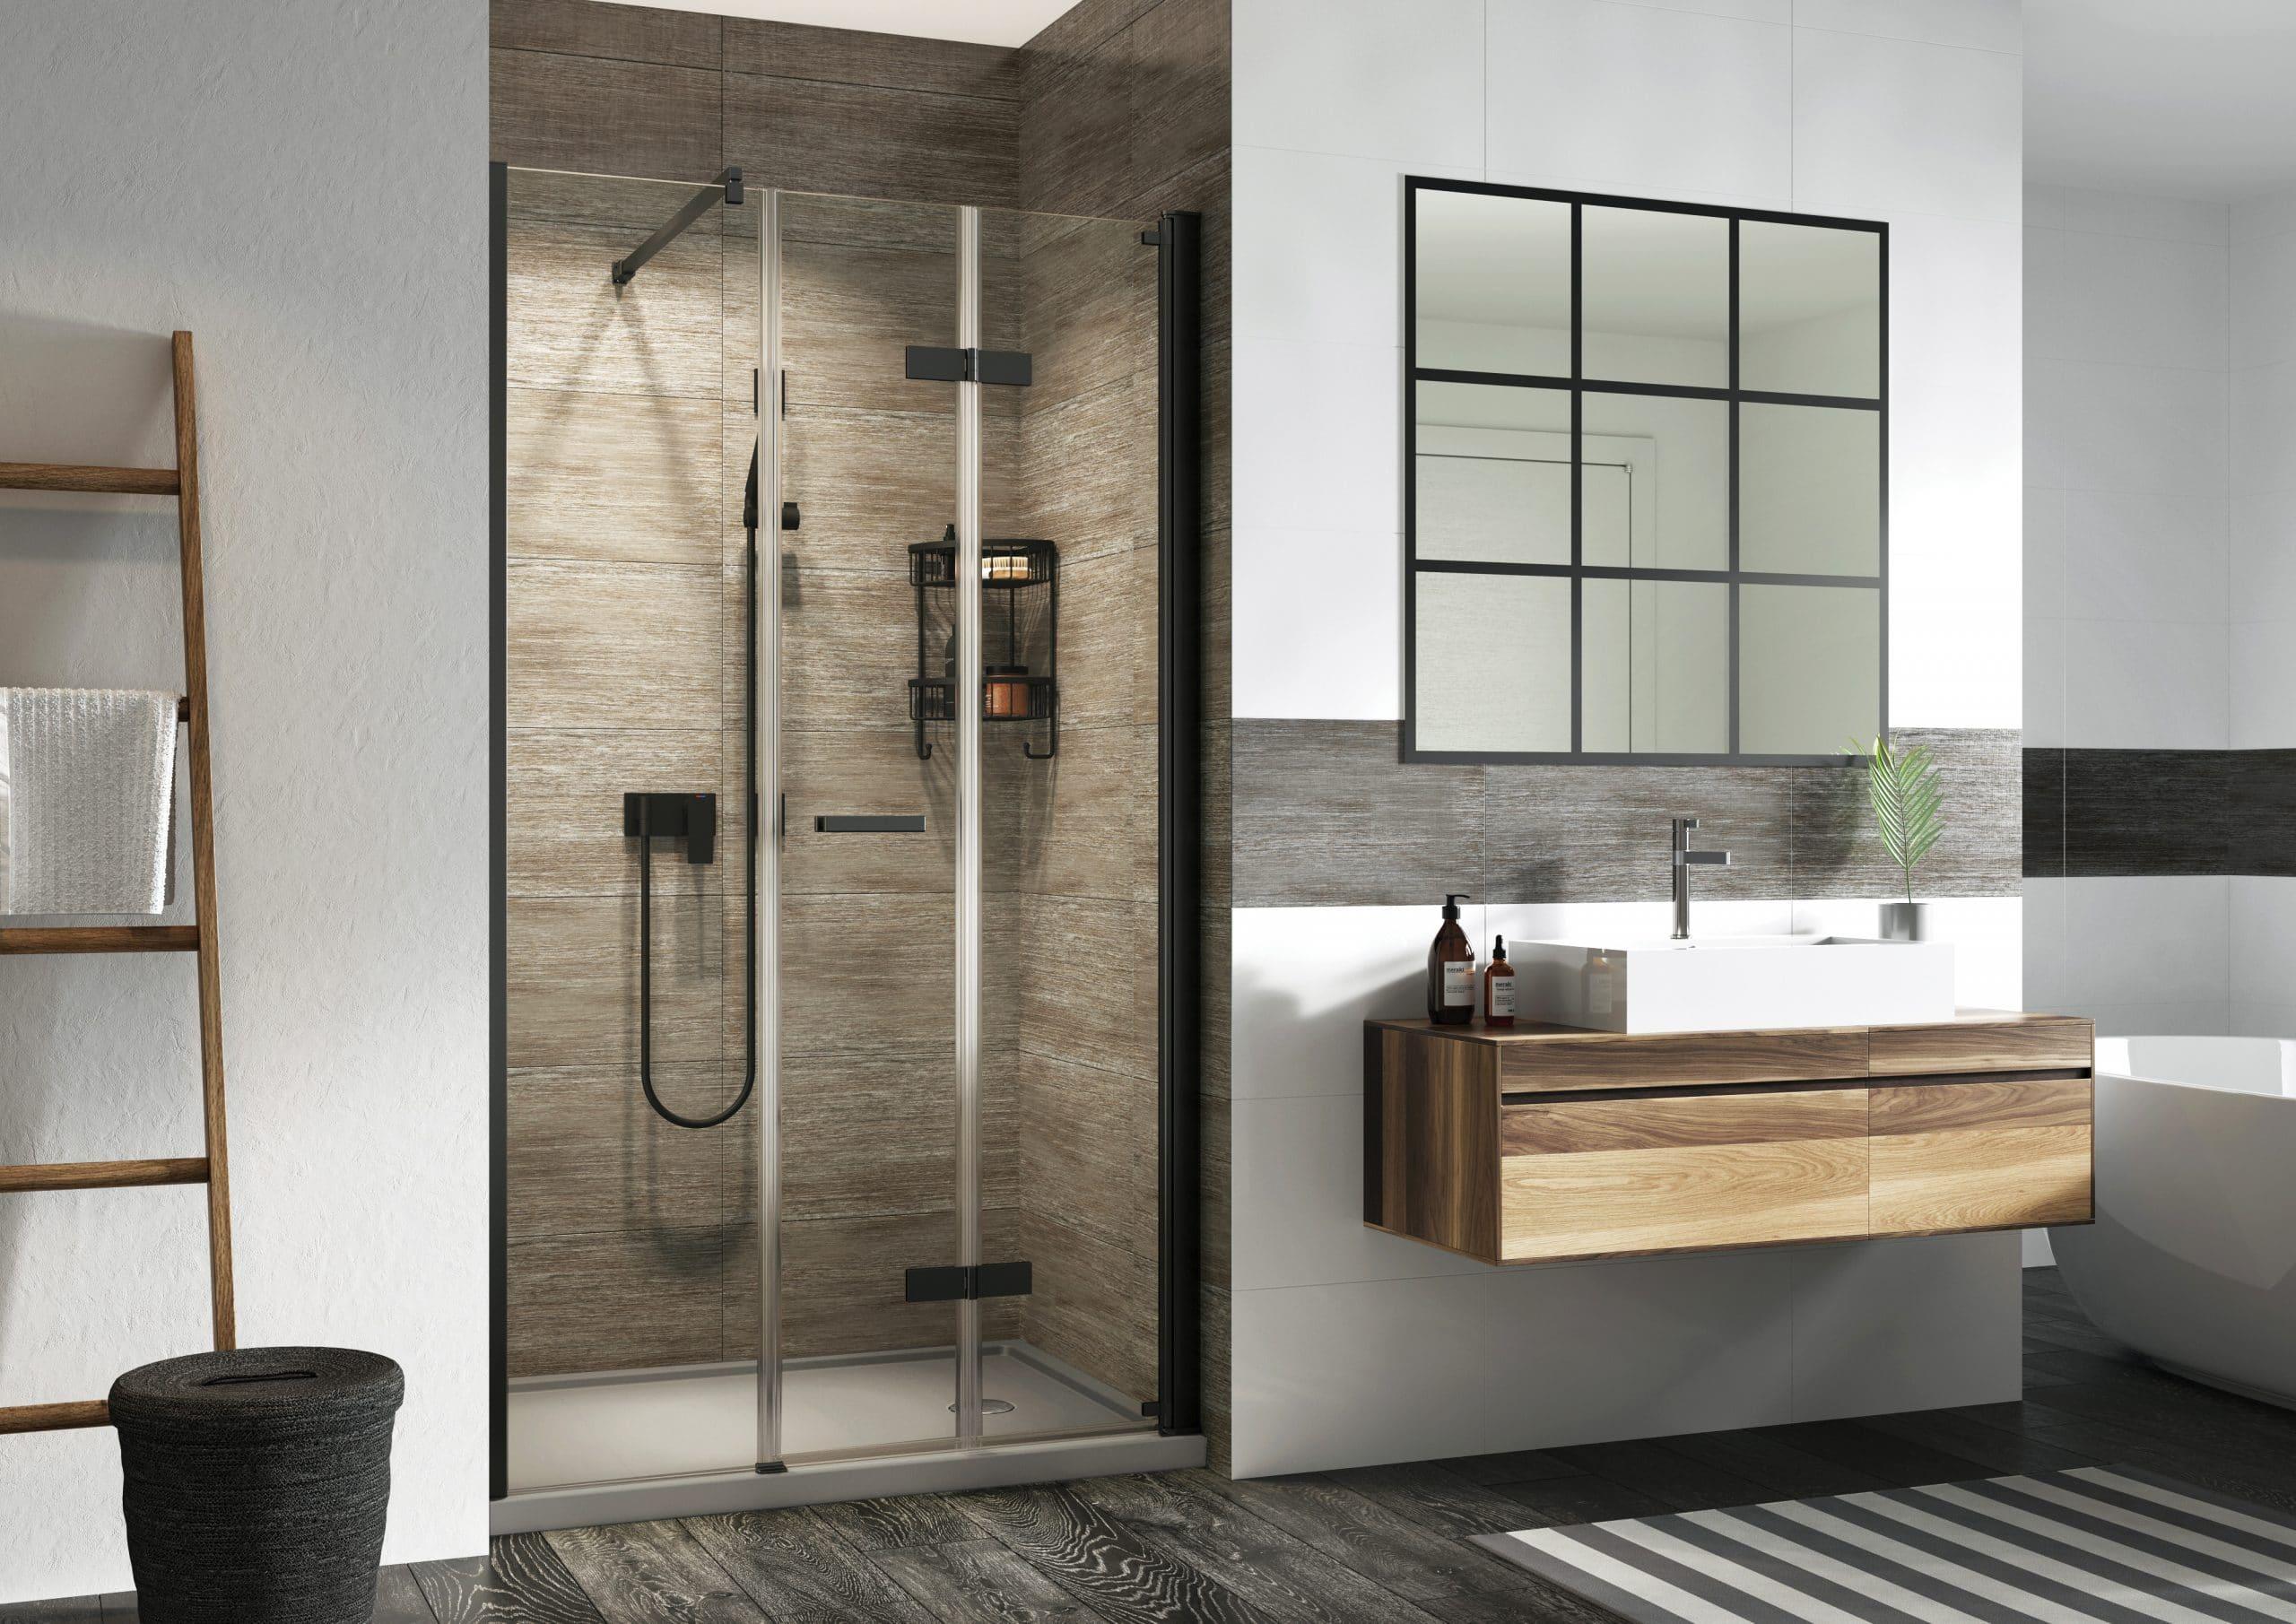 bifold-door-for-toilet-6-roman-showers.com-source